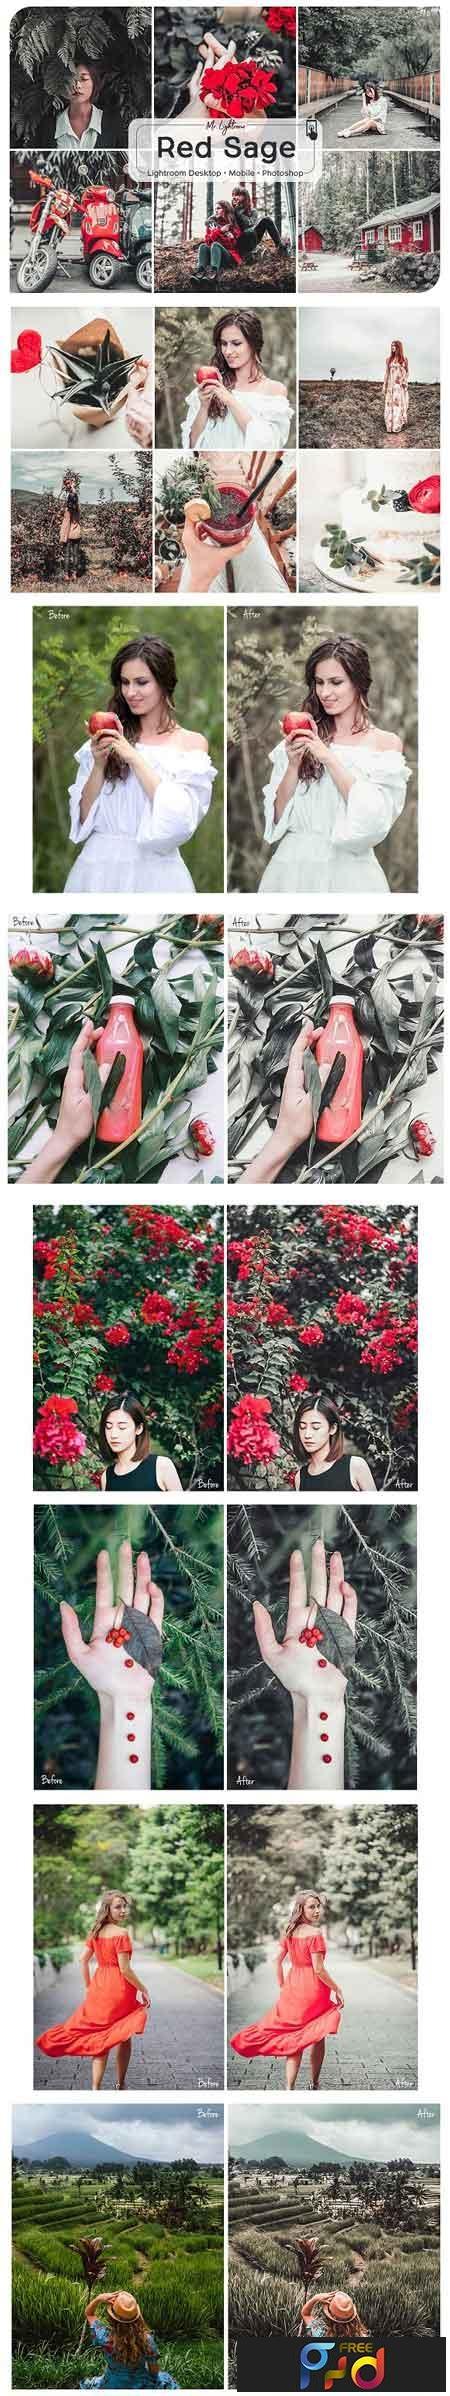 Red Sage Lightroom Presets 3088623 1